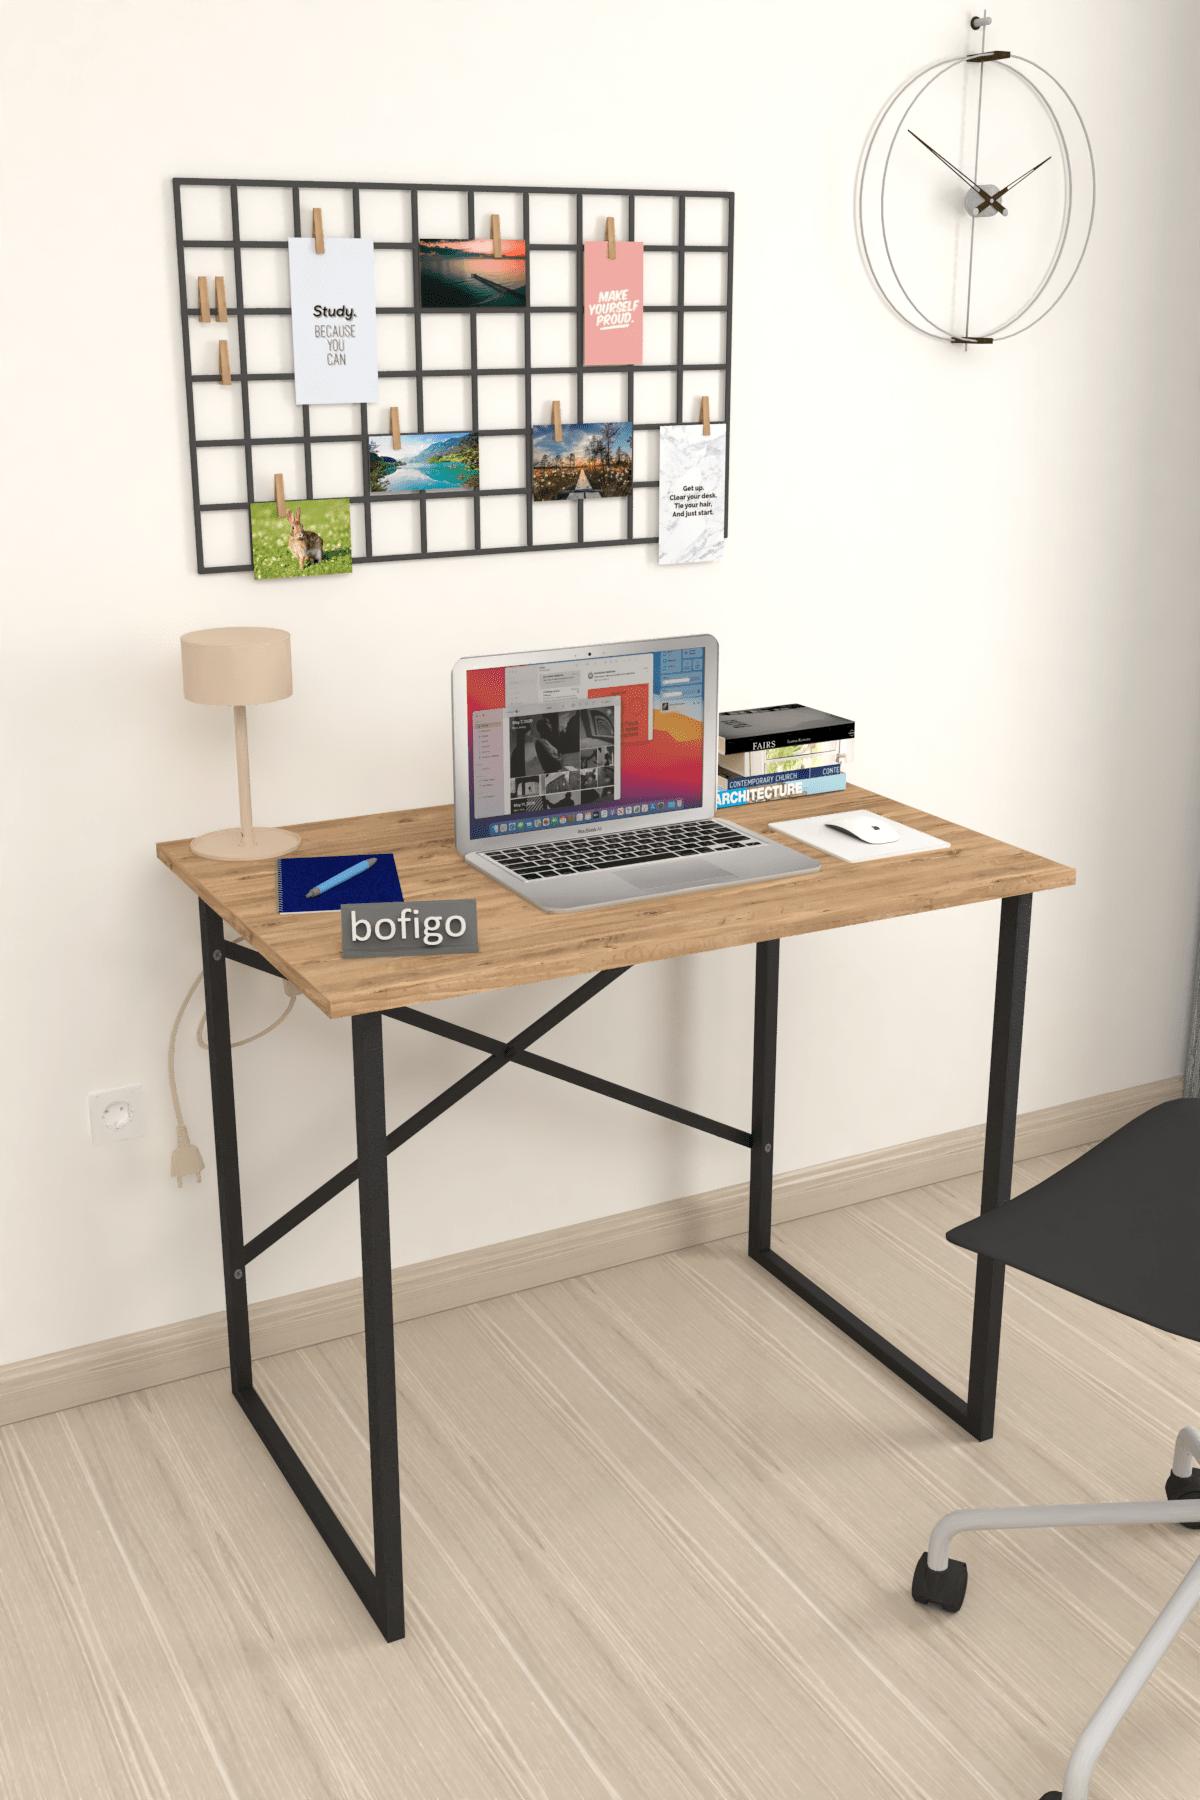 Bofigo Çam Çalışma Masası Laptop Bilgisayar Masası Ofis Ders Yemek Cocuk Masası 60x90 cm 0